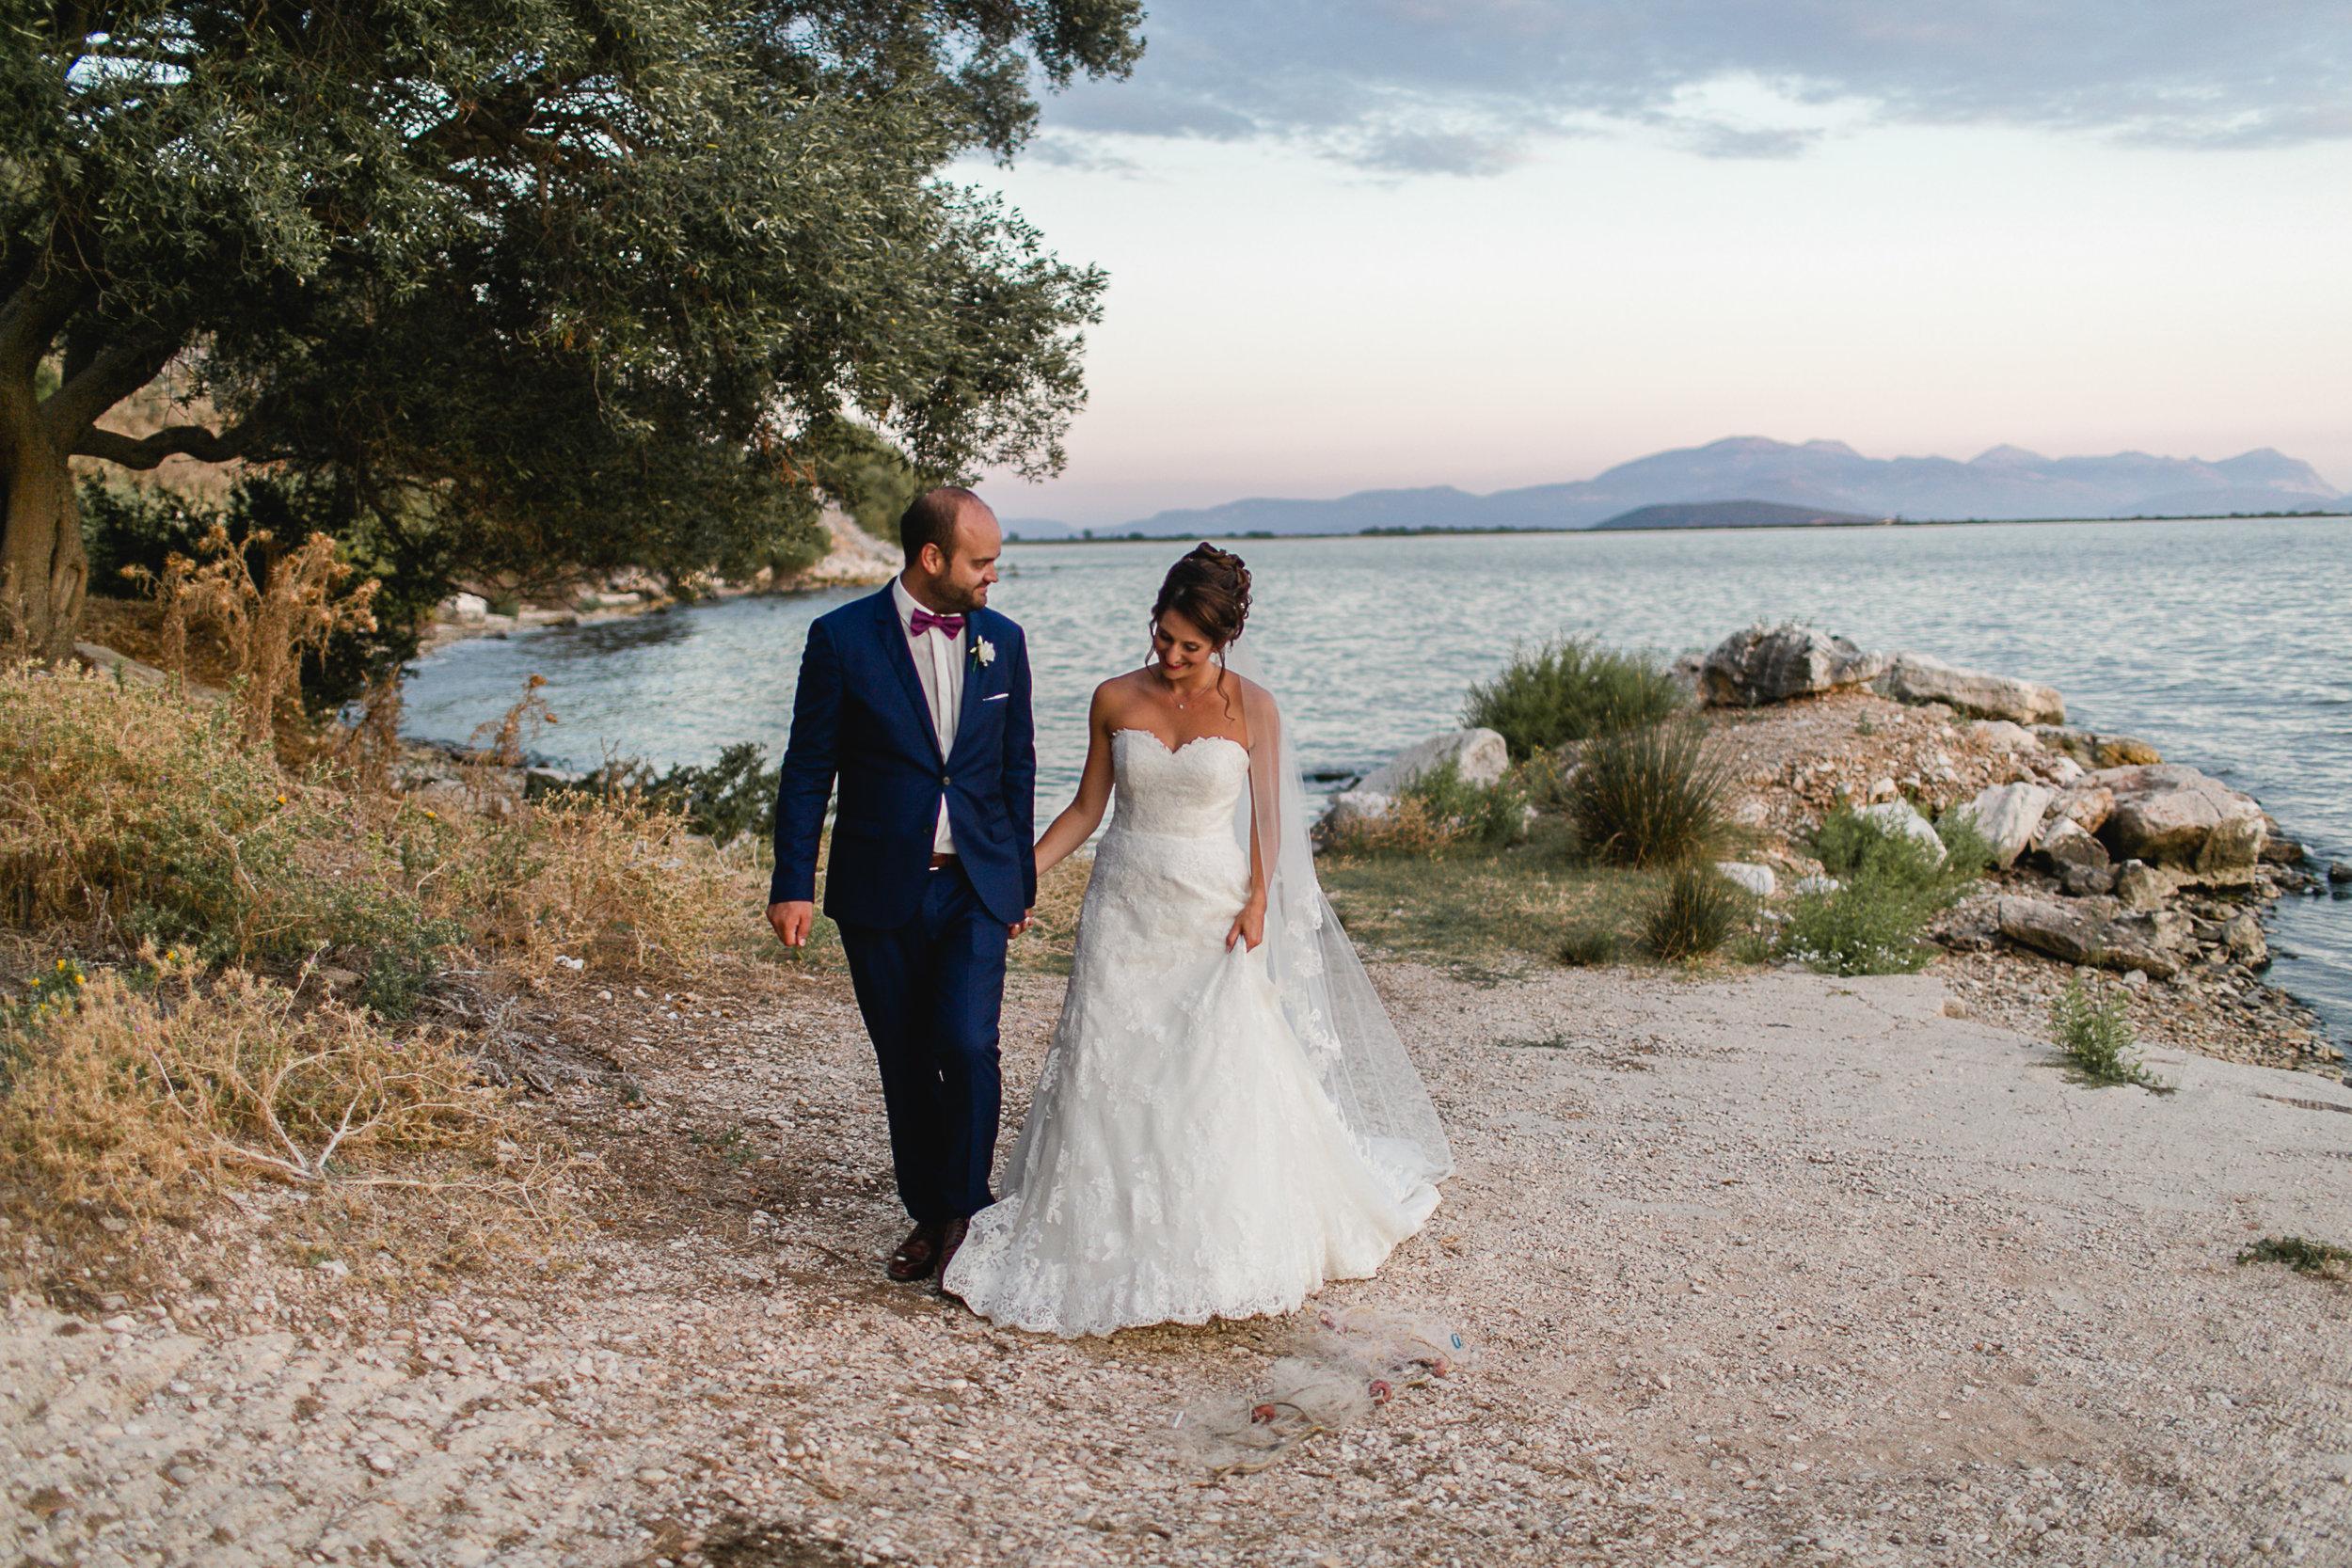 Hochzeit-in-Griechenland.jpg